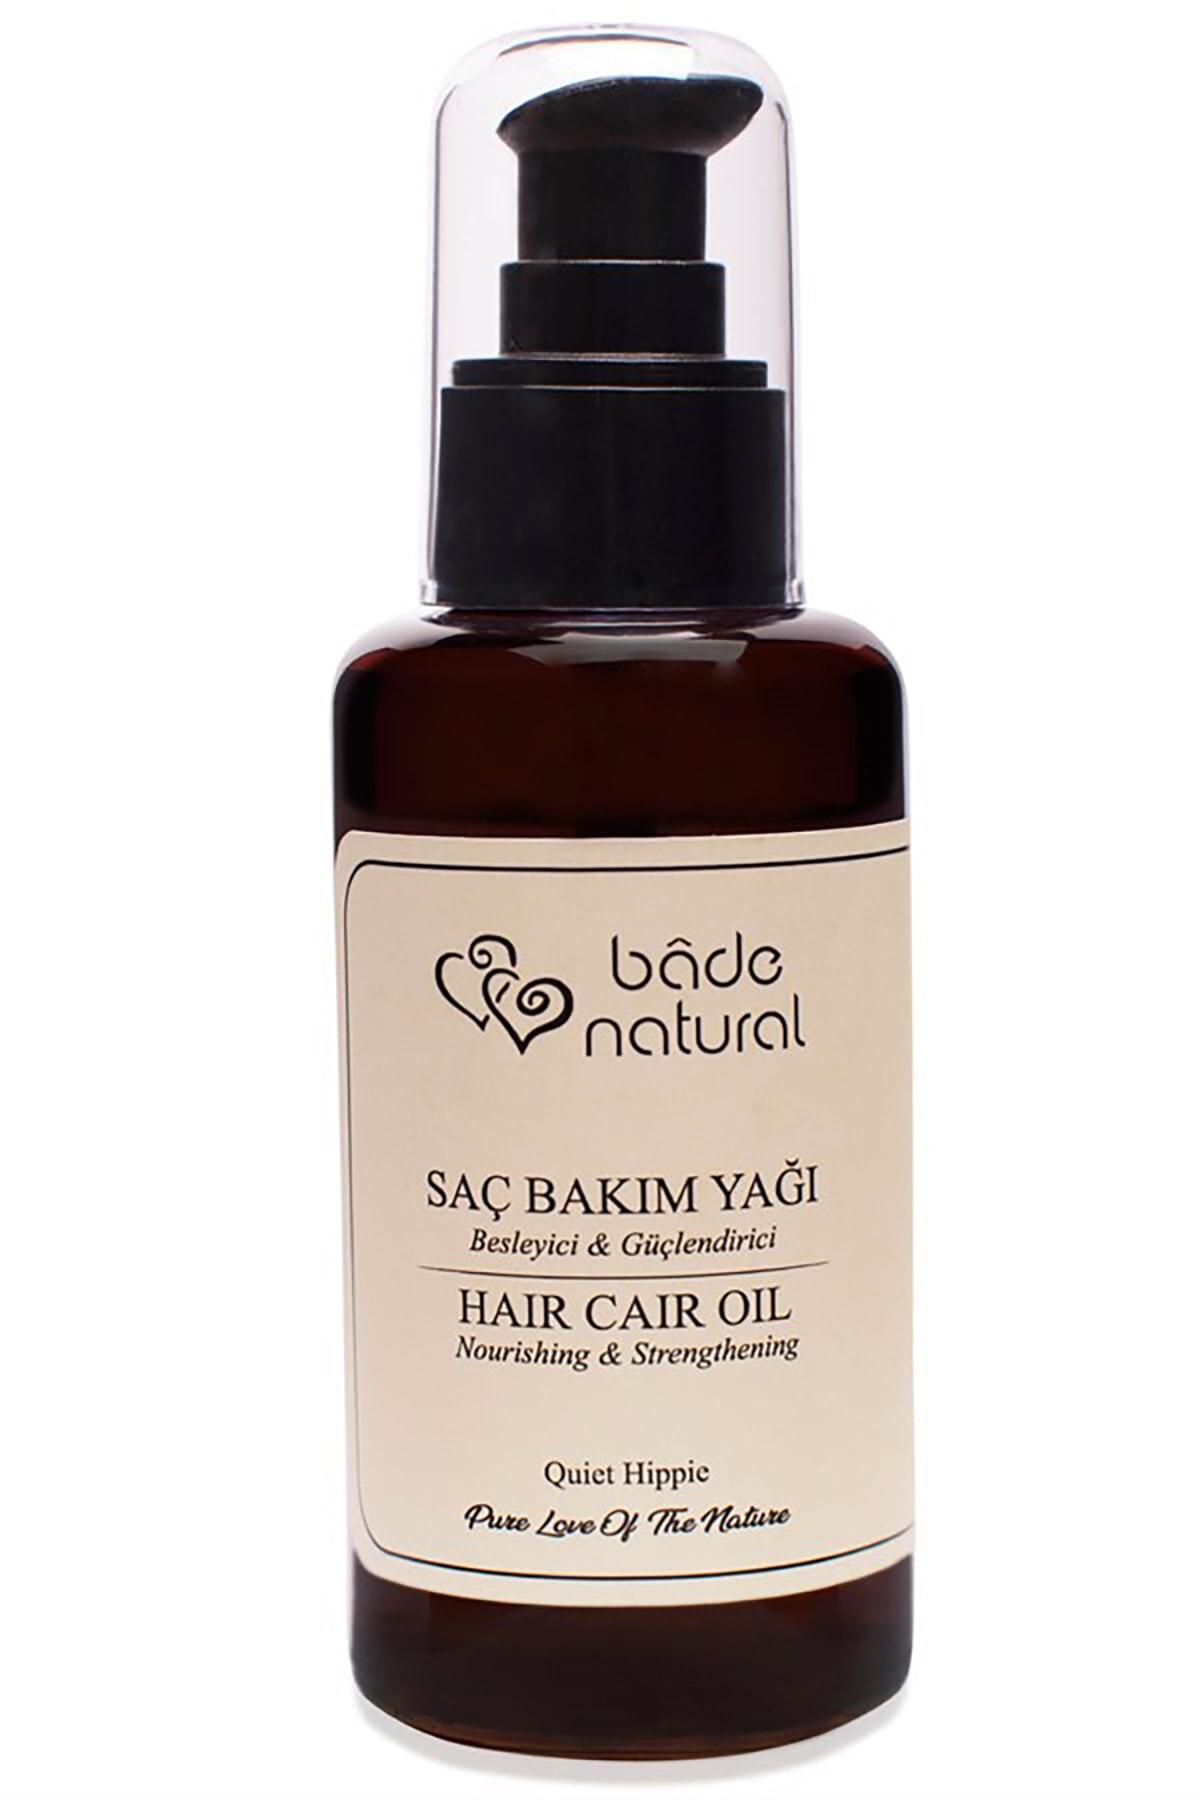 Bade Natural Güçlendirici & Besleyici Aromaterapi Saç Bakım Yağı 8681529832147 1